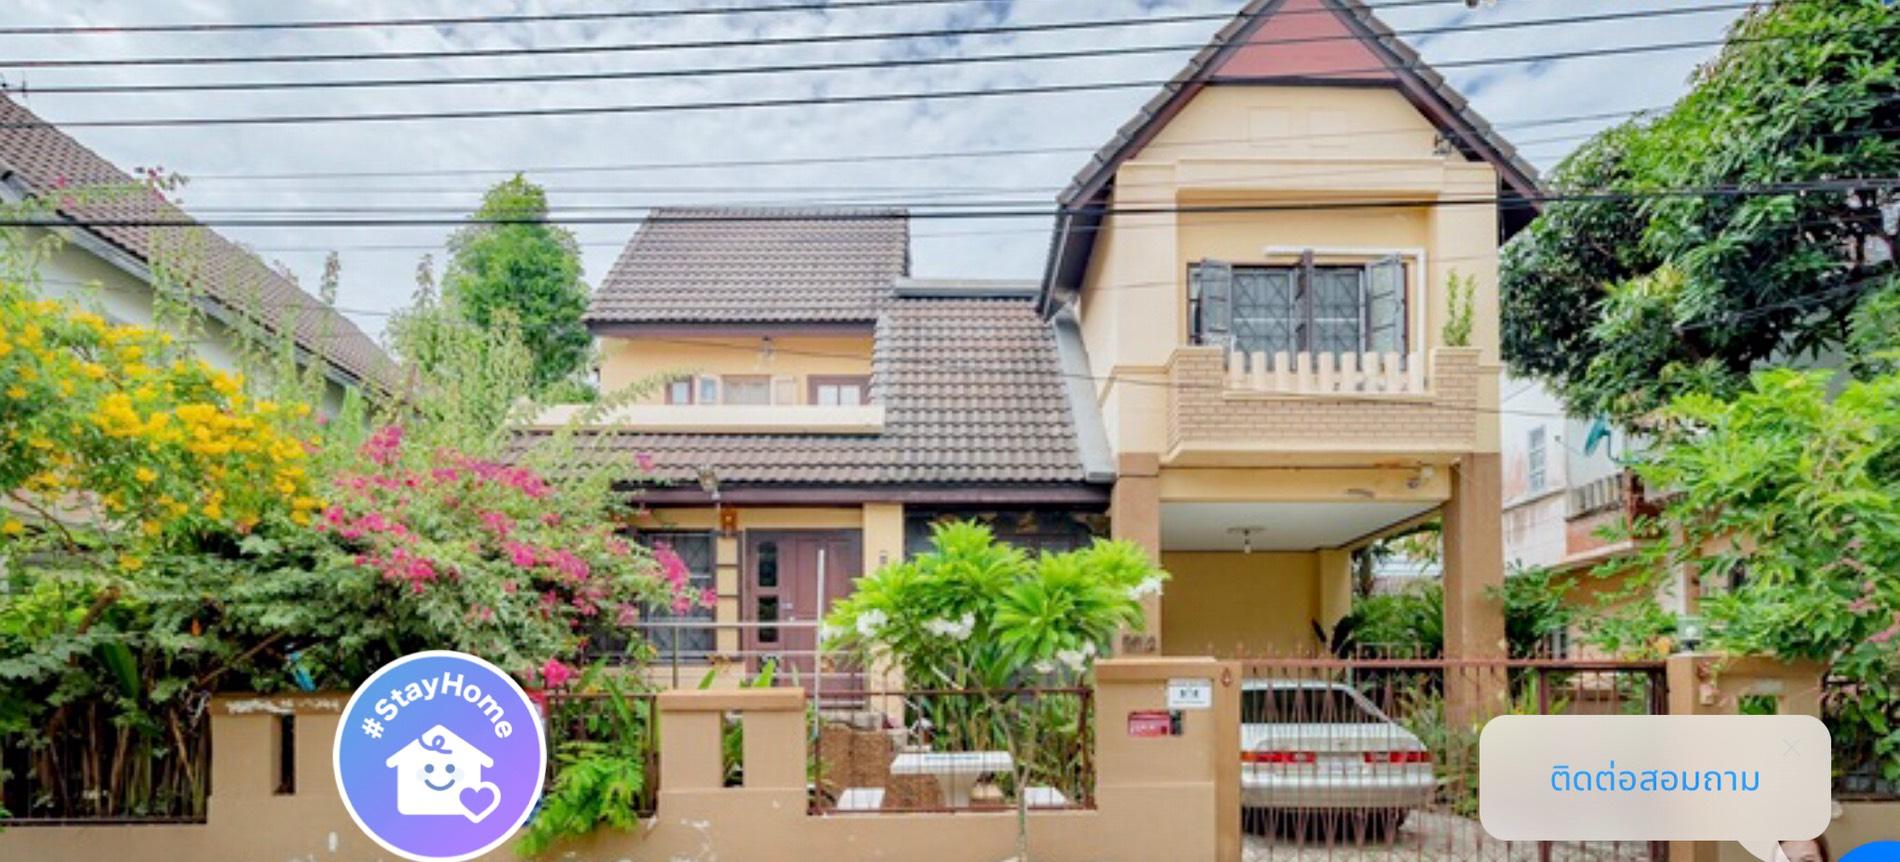 ขายบ้านเดี่ยวกรุงเทพ ราคา  2.9 ล้านบาท ลดจากราคา 3.5 ล้านบาท